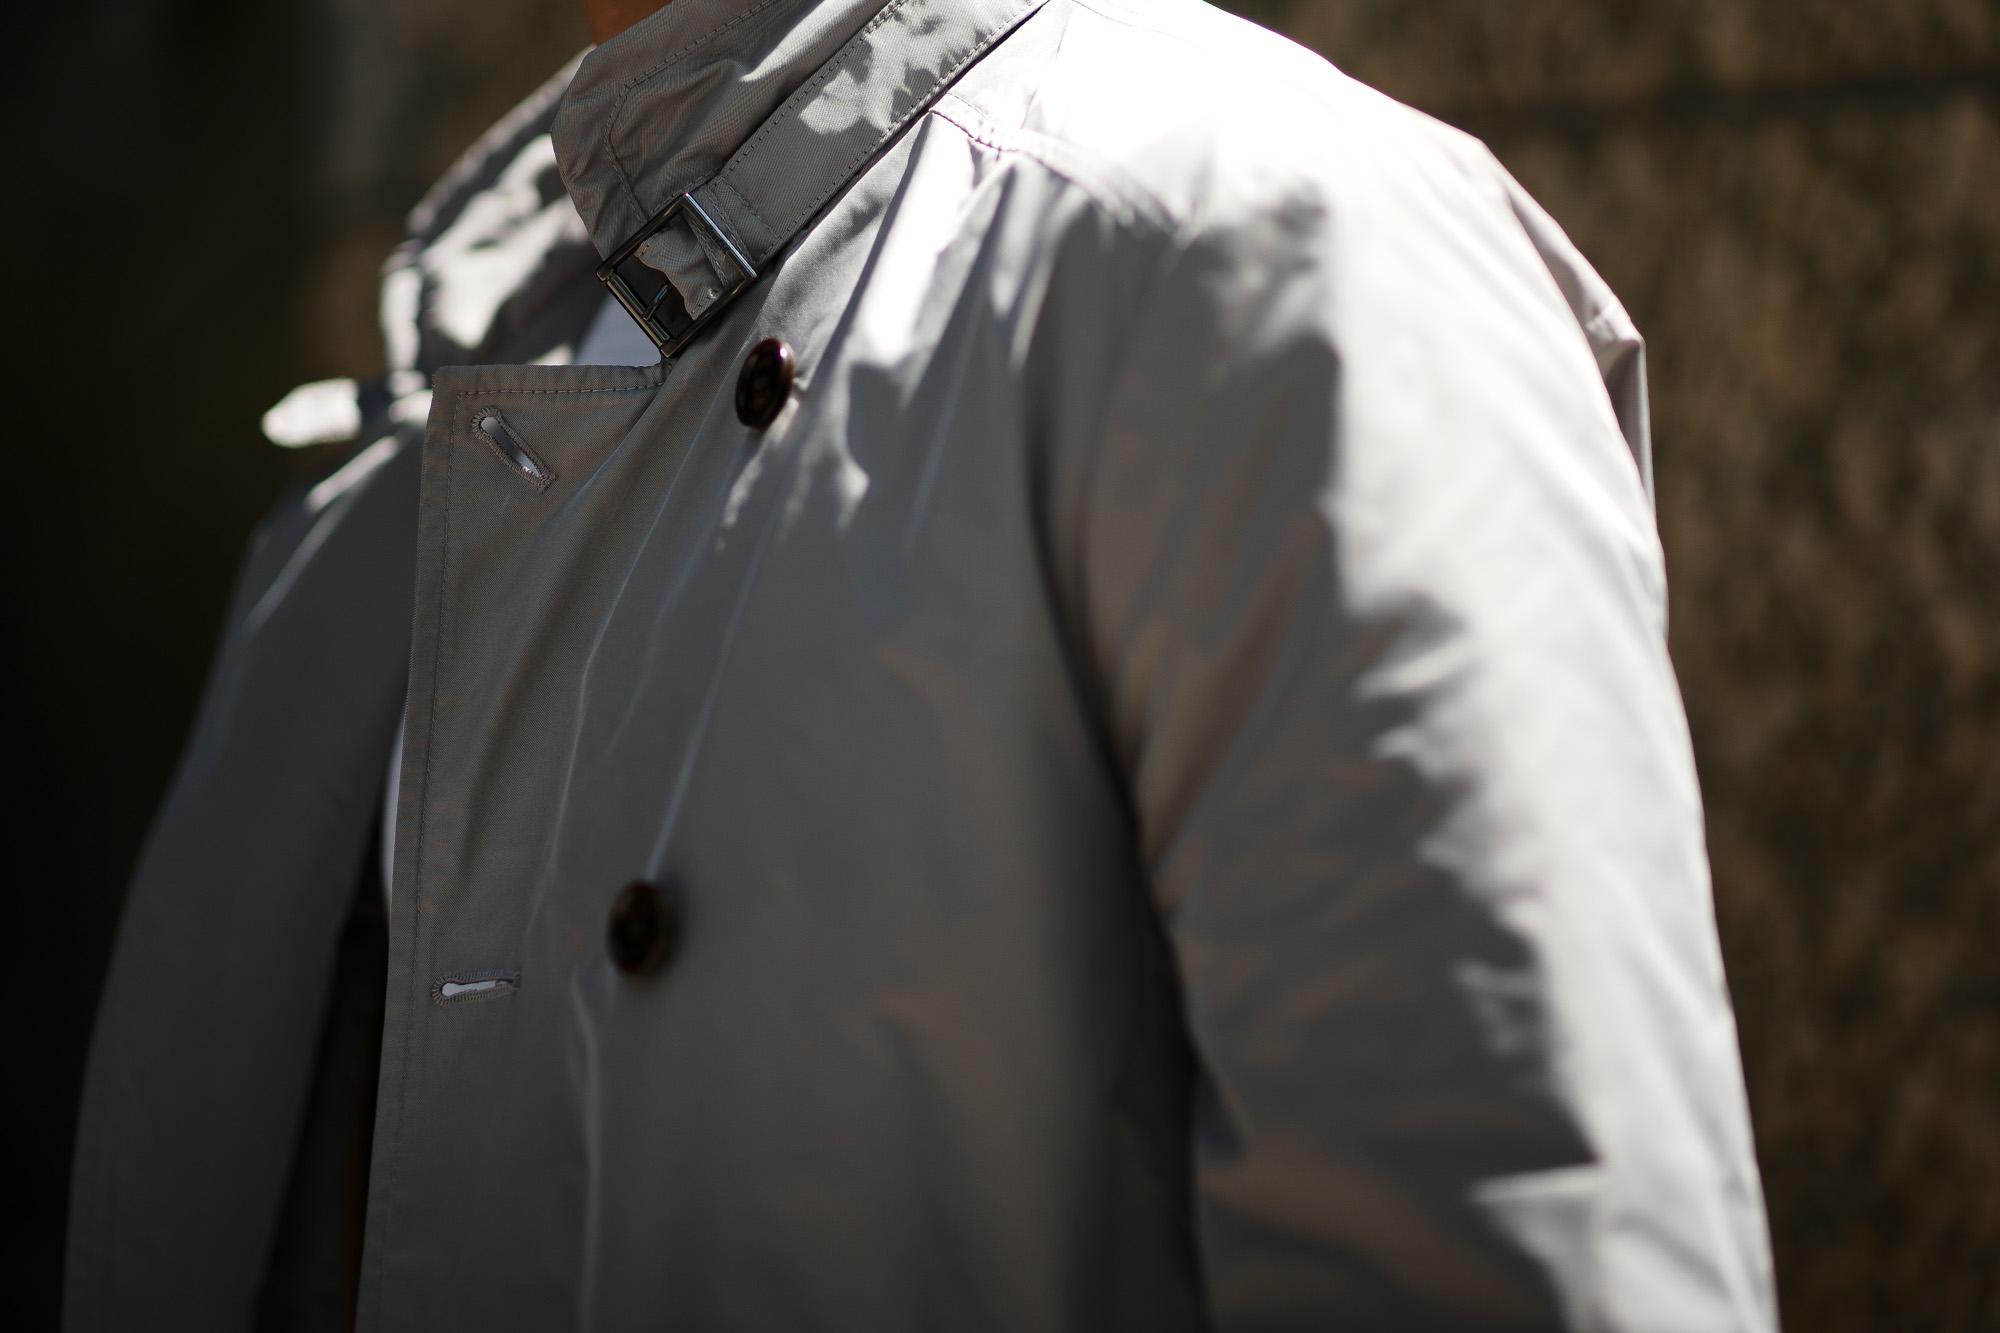 MOORER (ムーレー) SC / MORANDI-KM (モランディ) ポリエステル ダブルブレスト スタンドカラー スプリング コート MARMO (グレー) Made in italy (イタリア製) 2019 春夏新作 愛知 名古屋 altoediritto アルトエデリット